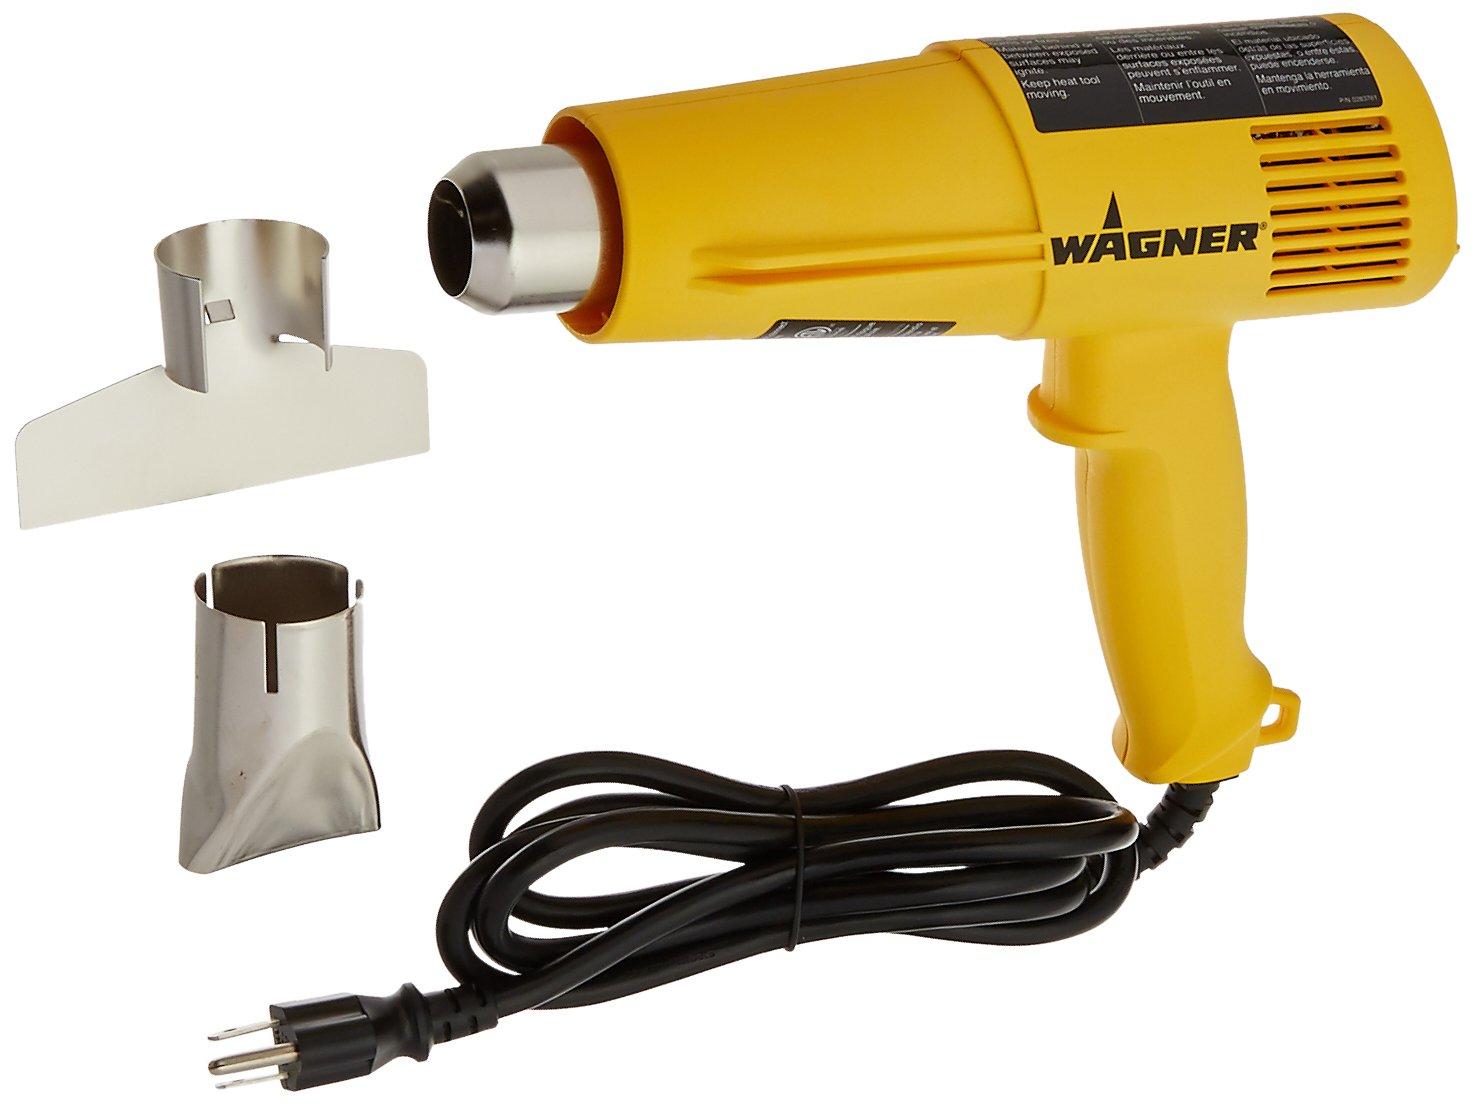 Wagner 0503040 HT3500 Digital Heat Gun, 12 Temp Settings 250ᵒF-1350ᵒF 12 Temp Settings 250ᵒ F-1350ᵒ F Wagner Spraytech